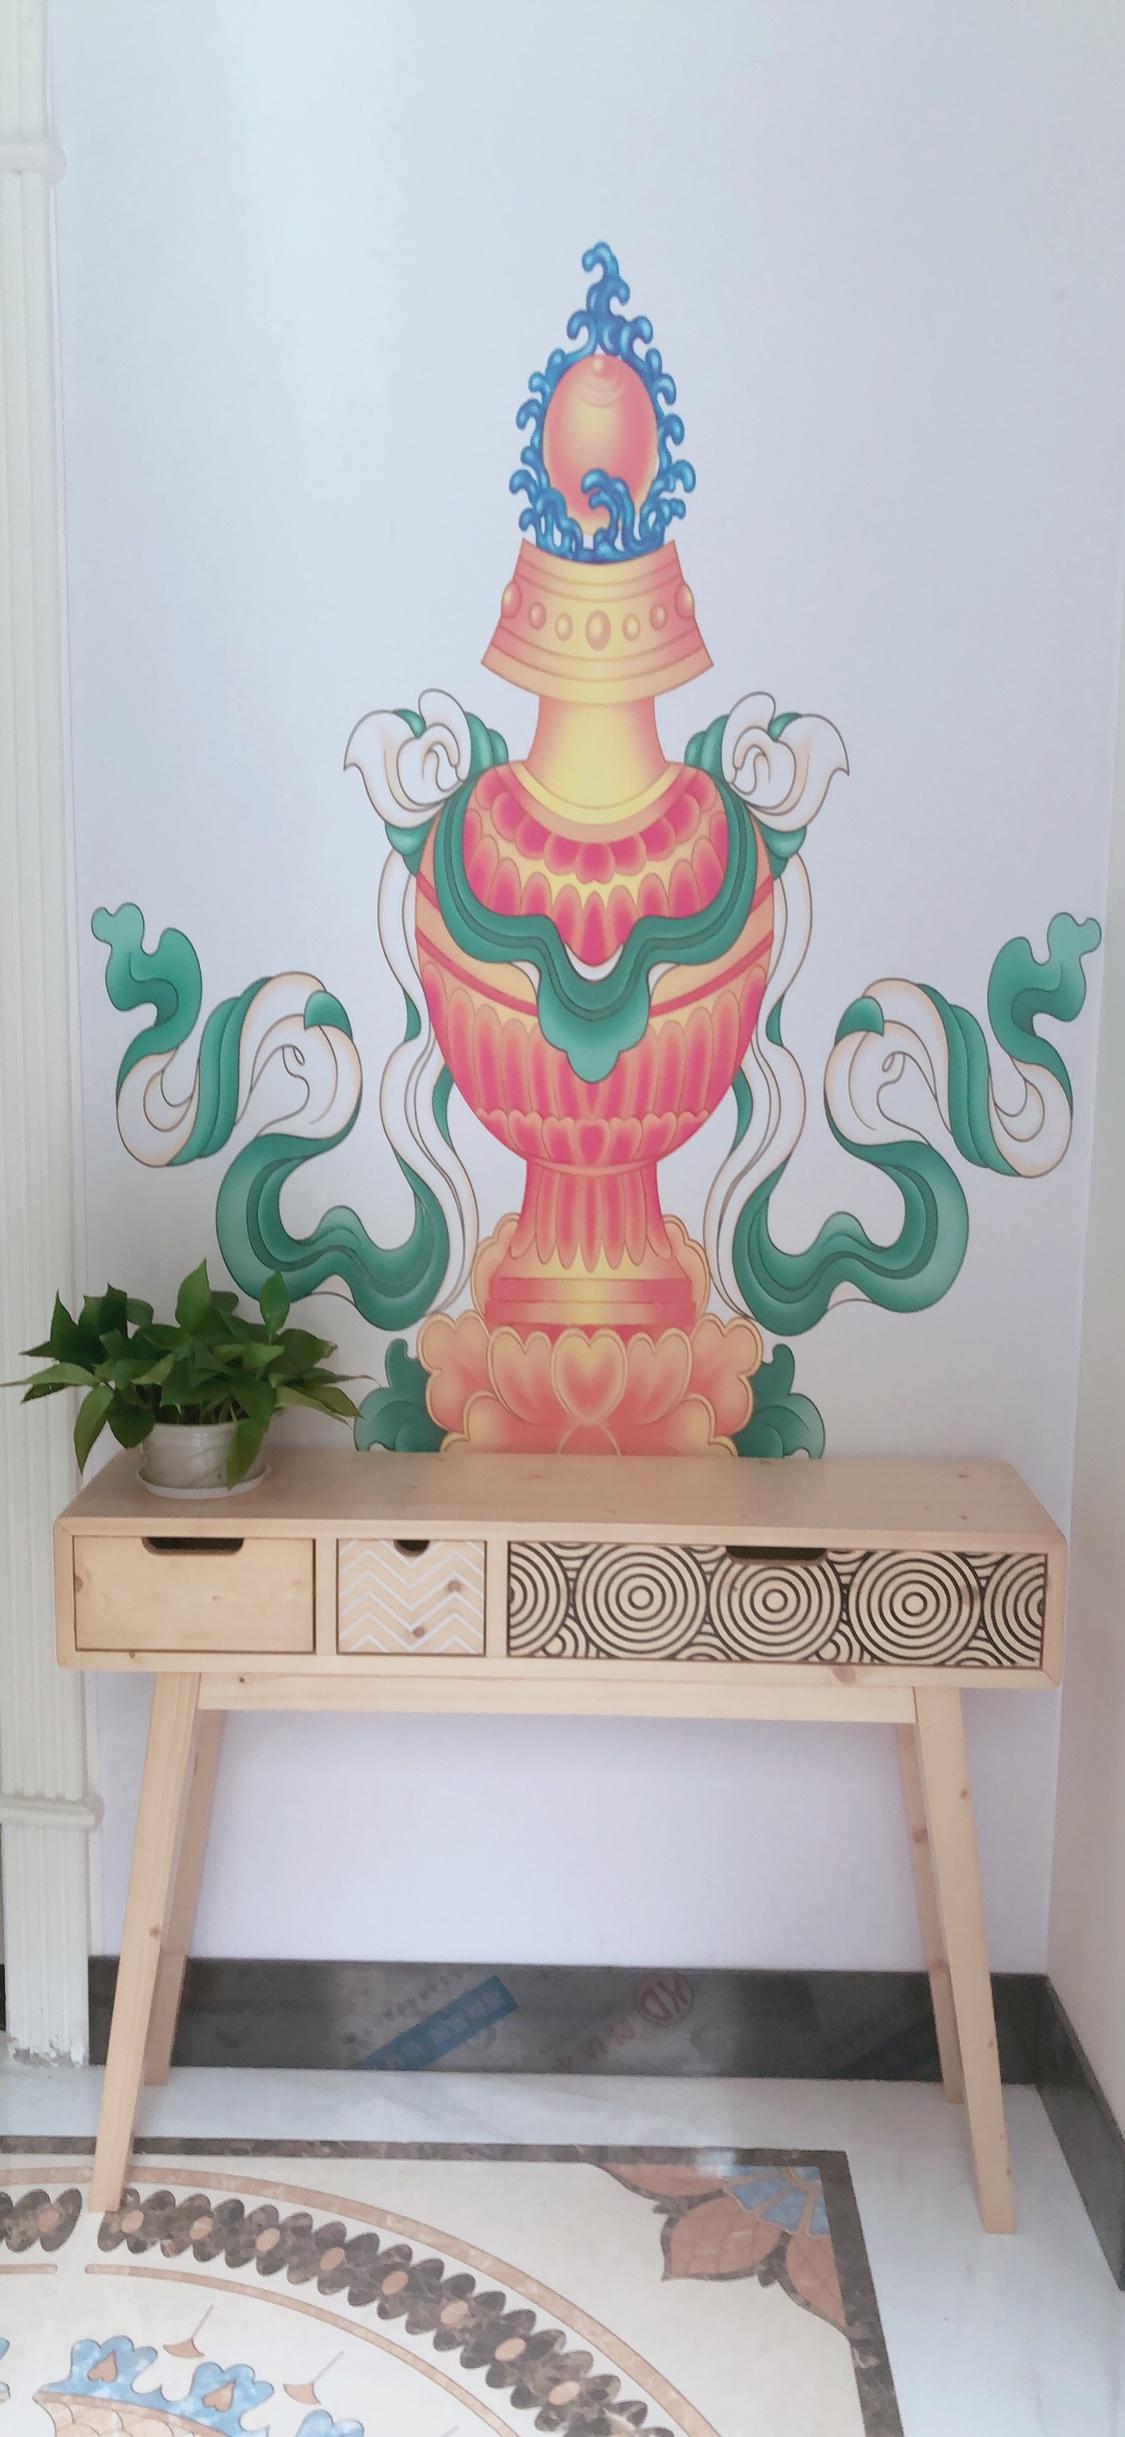 吐槽评测:慕芮雅的家具怎么样?点评:慕芮雅储物柜好用吗